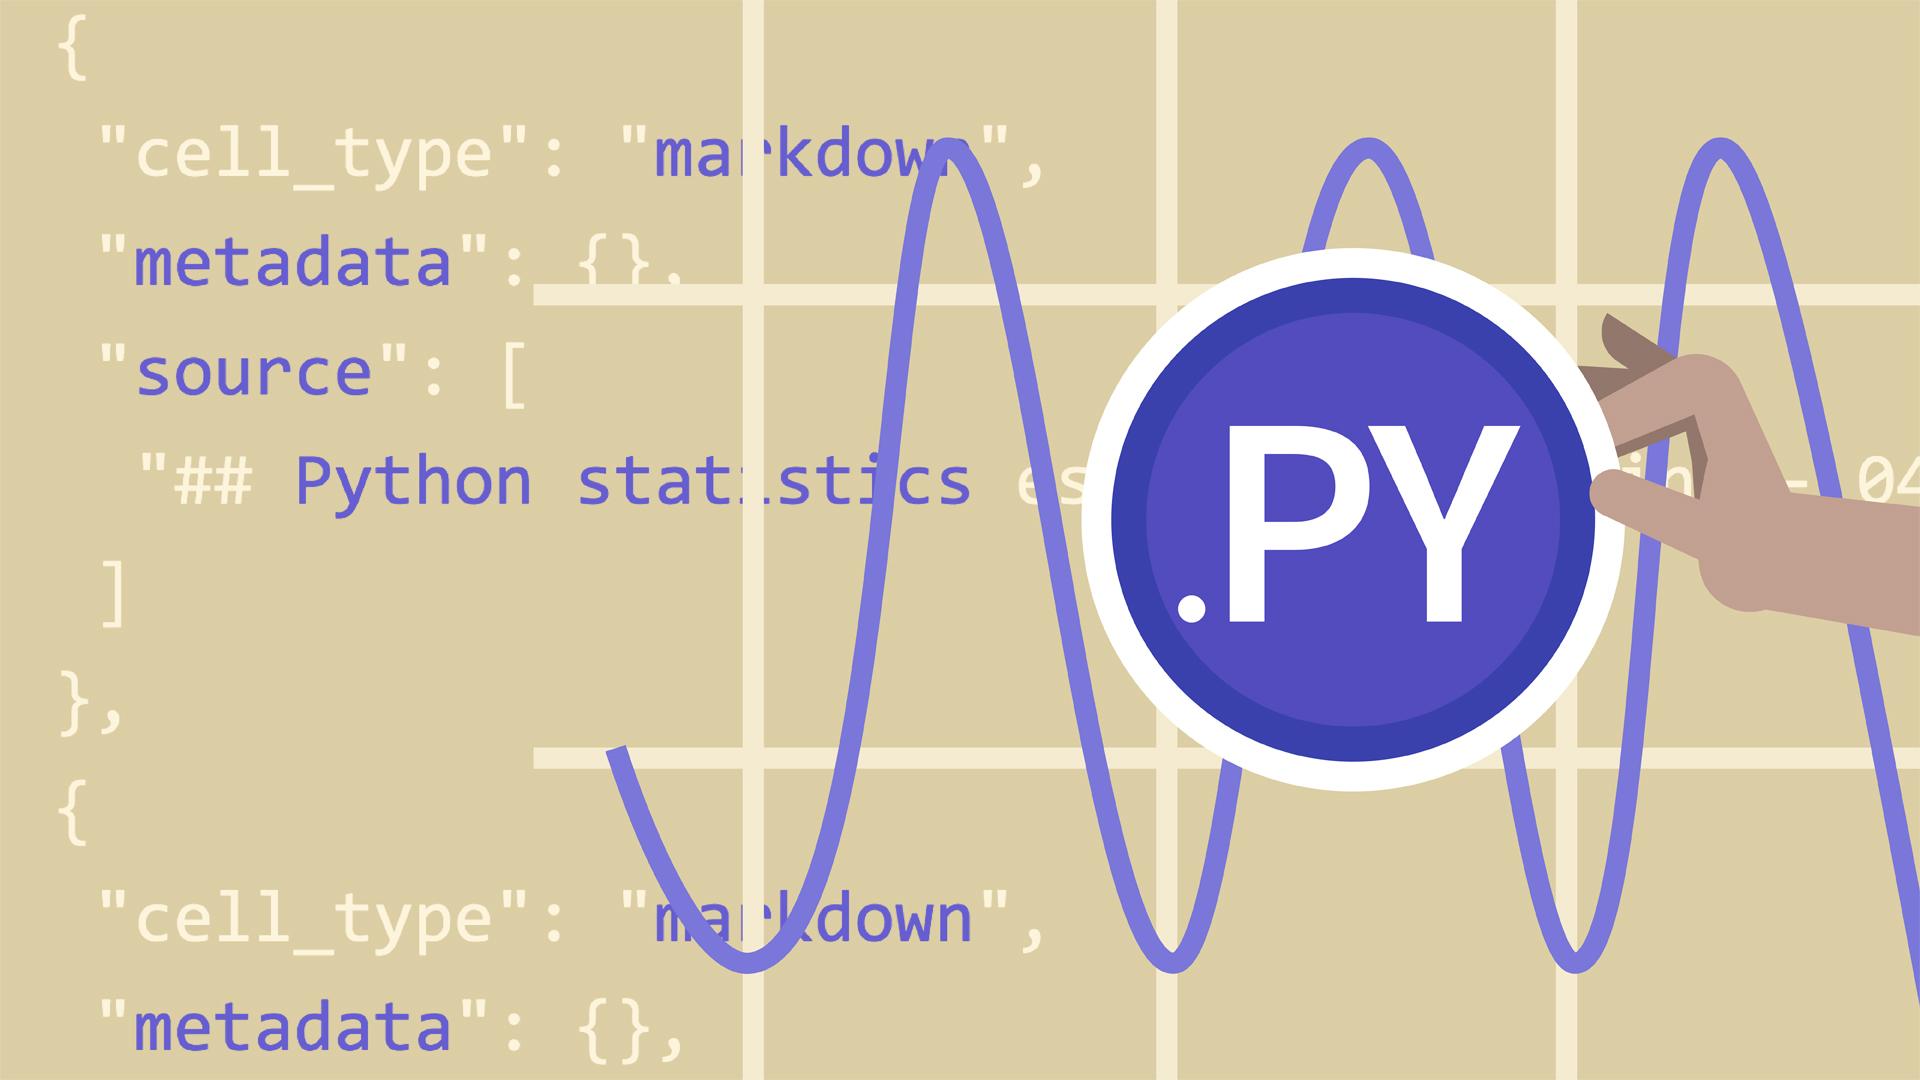 lynda com tutorials sql server 2008 essential training torrent